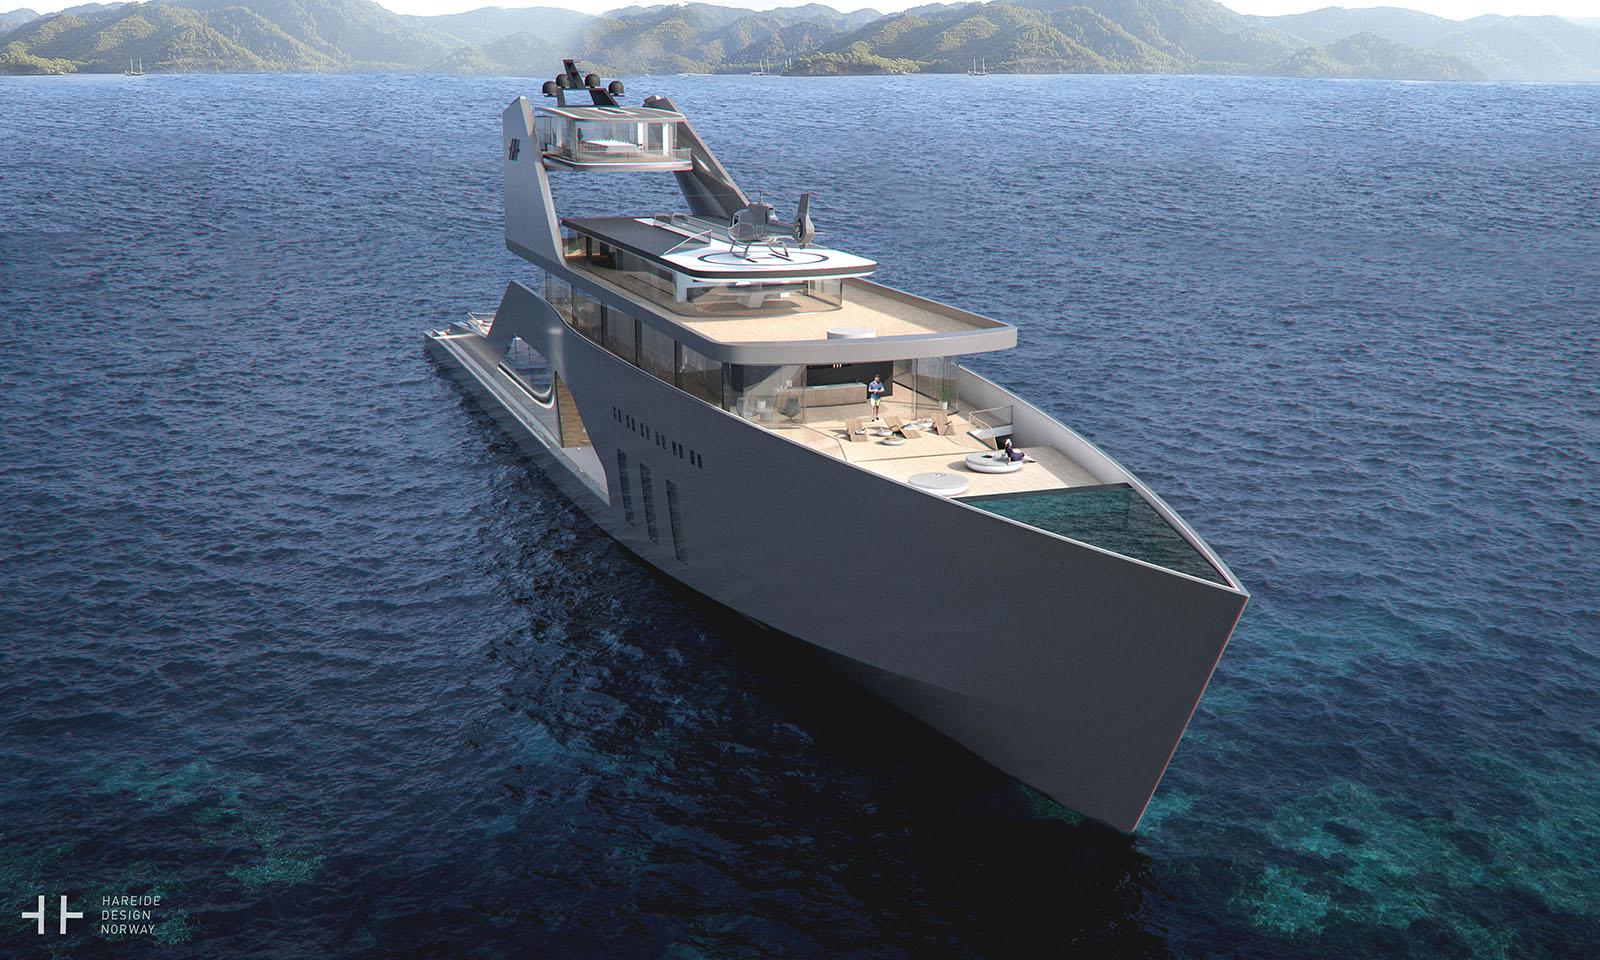 Mit der 108M Mega Yacht hat man den eigenen Strand mit an Board 5